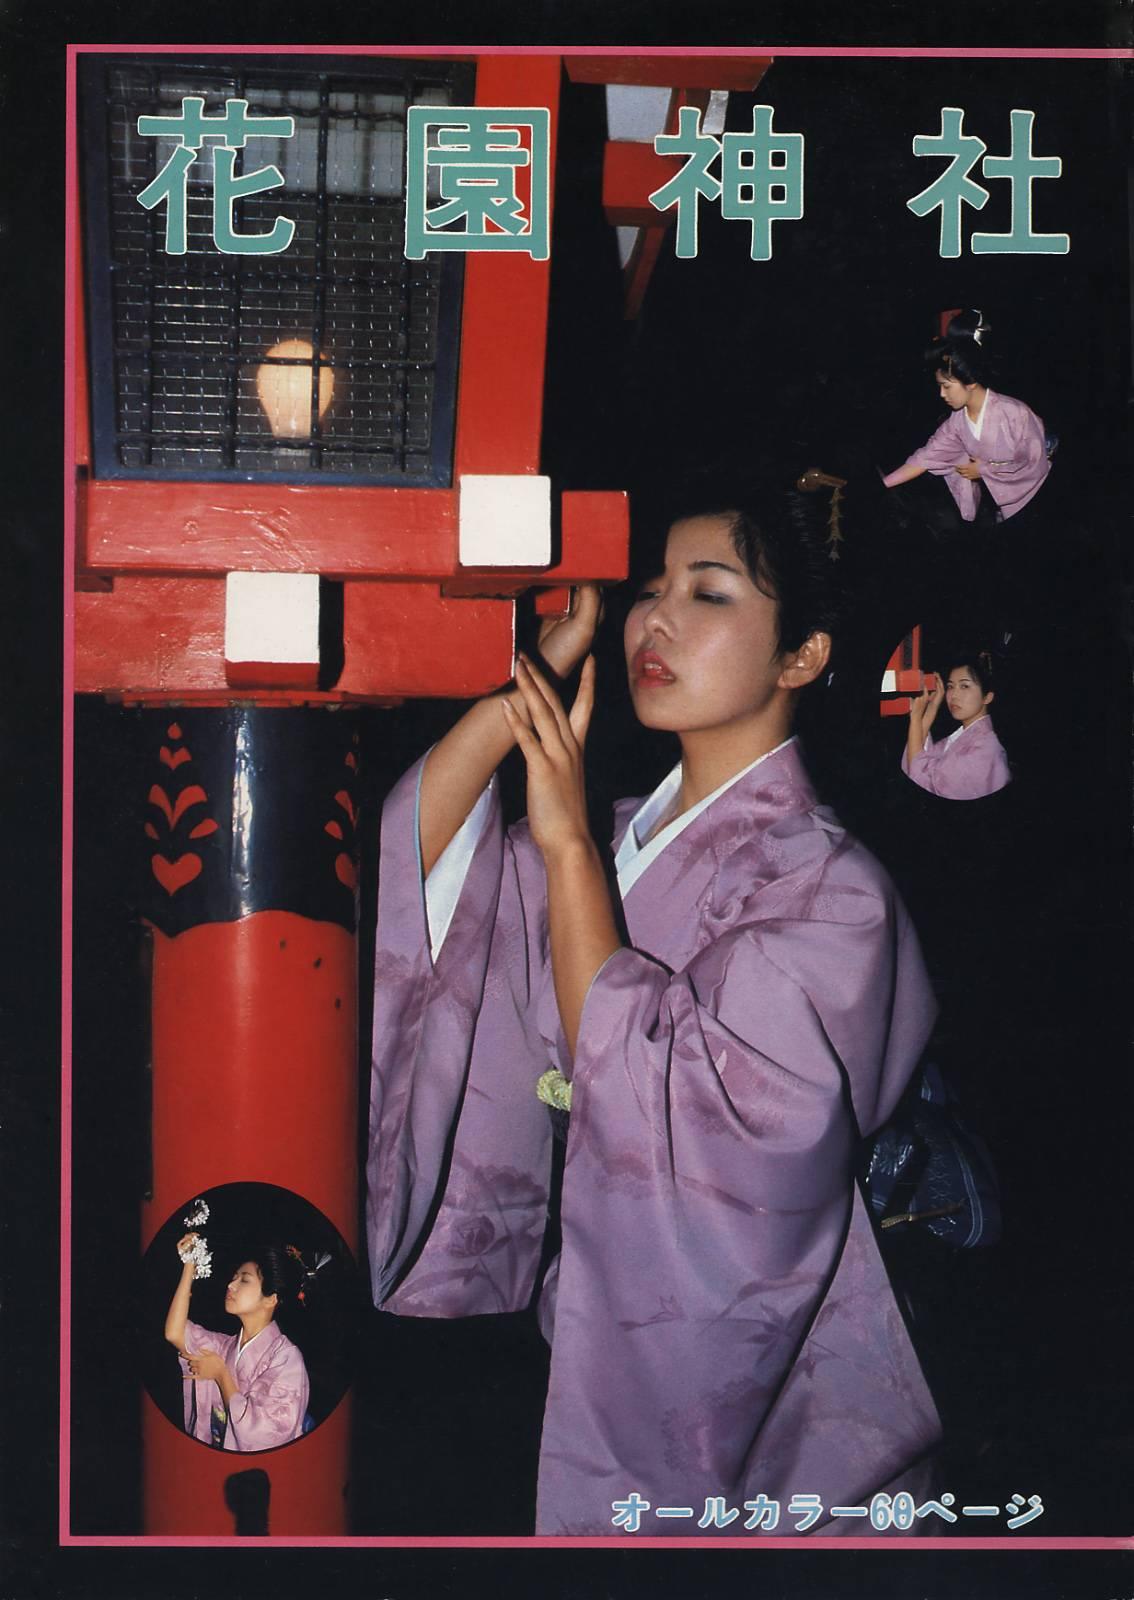 昭和の裏本 ビニ本無修正 2133.jpg (156KB)